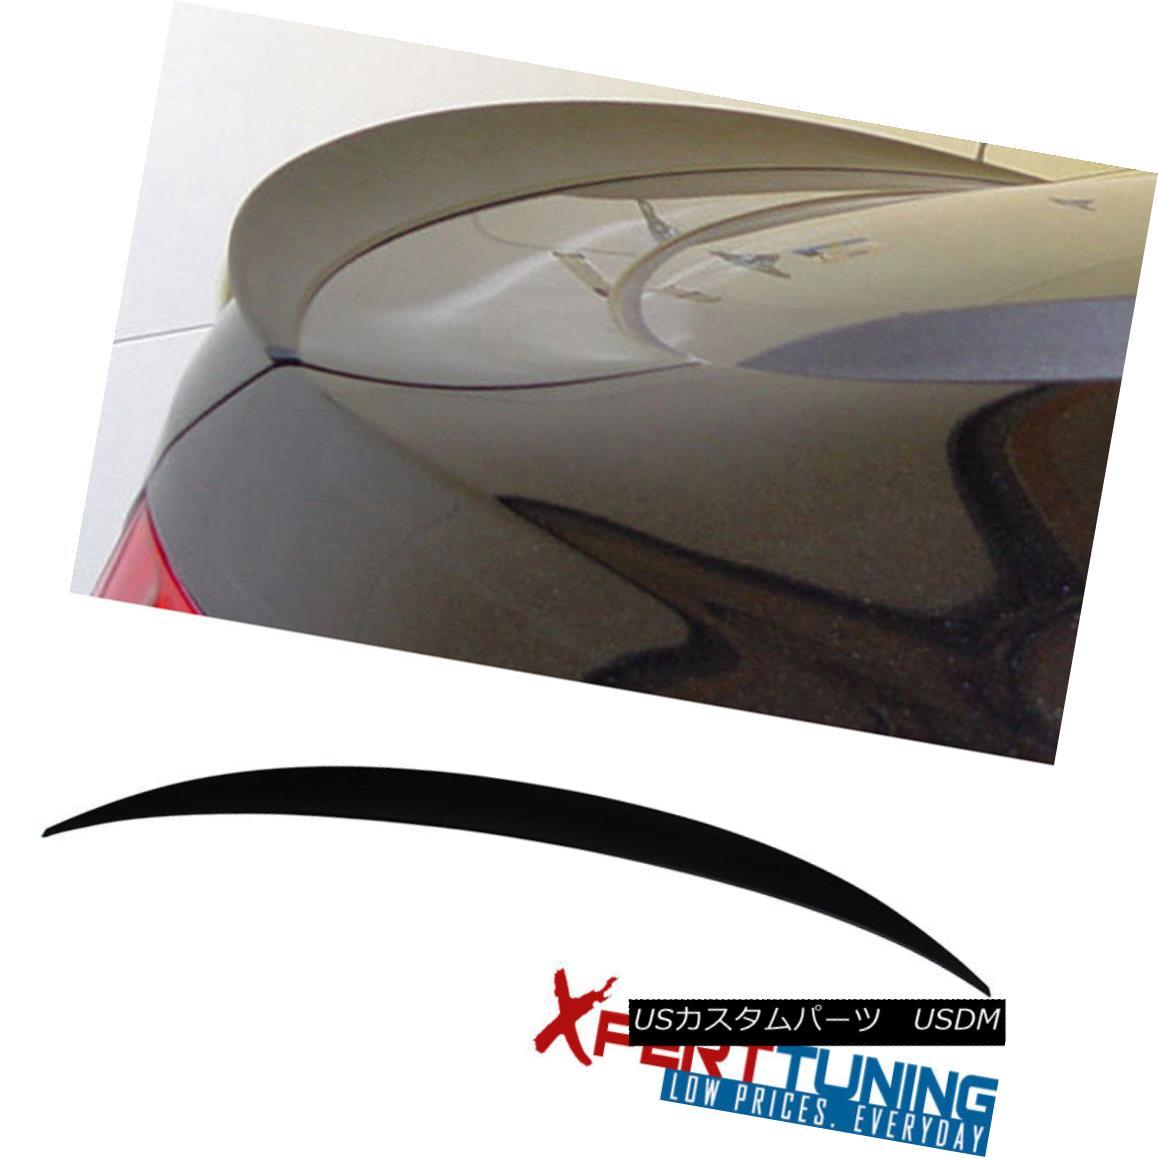 エアロパーツ Fit For 2008-2014 BMW E71 X6 SUV P Style Unpainted ABS Trunk Spoiler 2008-2014年に合うBMW E71 X6 SUV Pスタイル無塗装ABSトランク・スポイラー